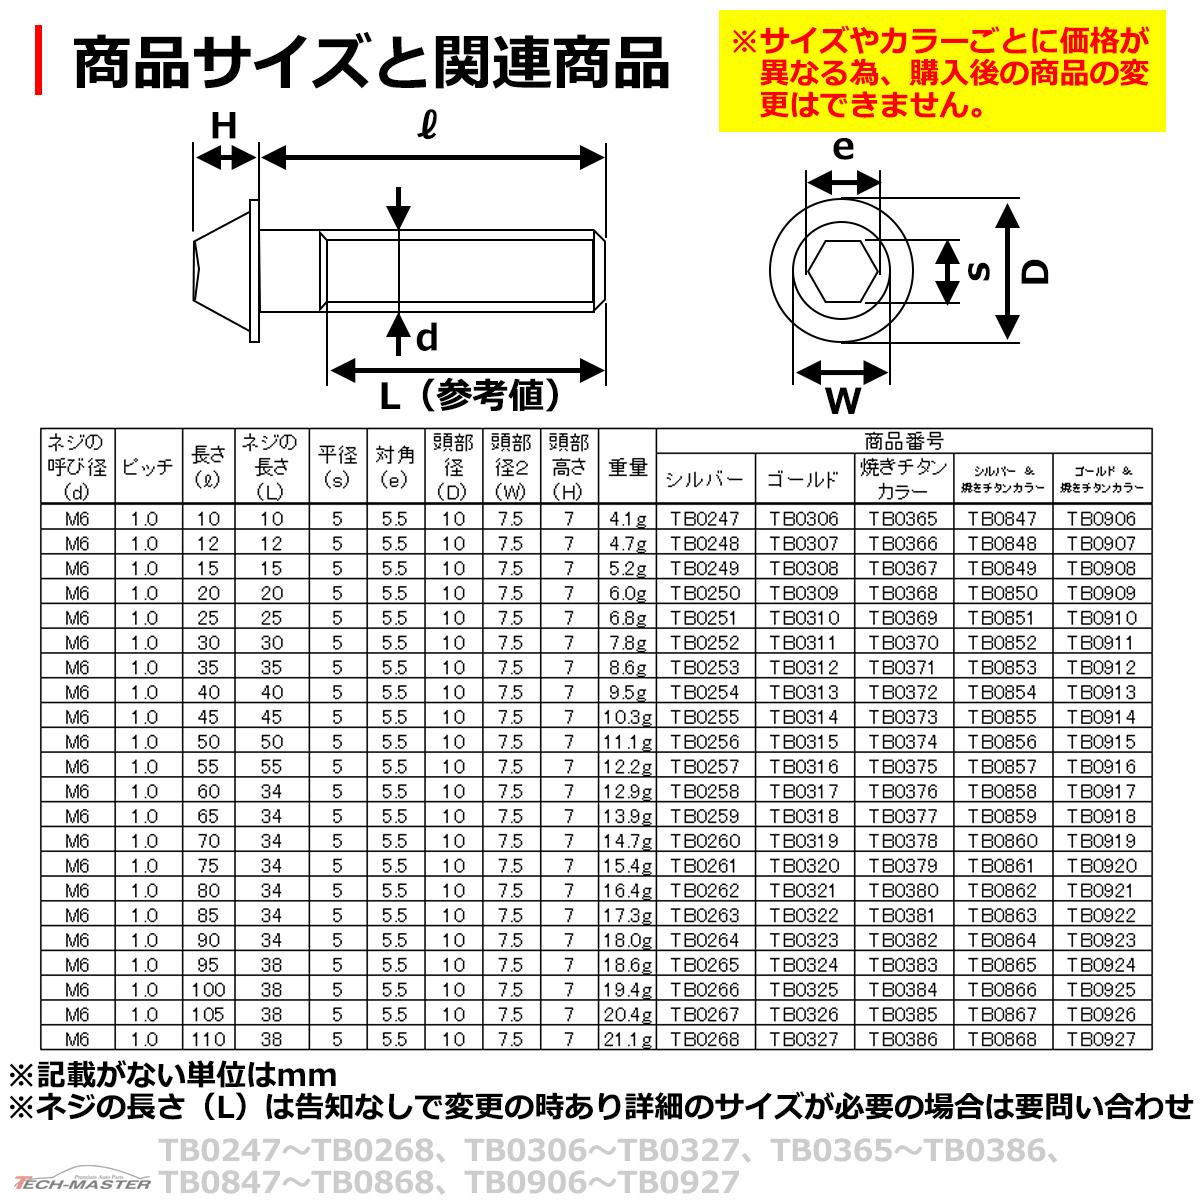 M6×20mm P1.0 テーパーシェル キャップボルト ステンレス 車/バイク/自転車 ドレスアップ パーツ シルバー&焼きチタンカラー 1個 TB0850_画像3